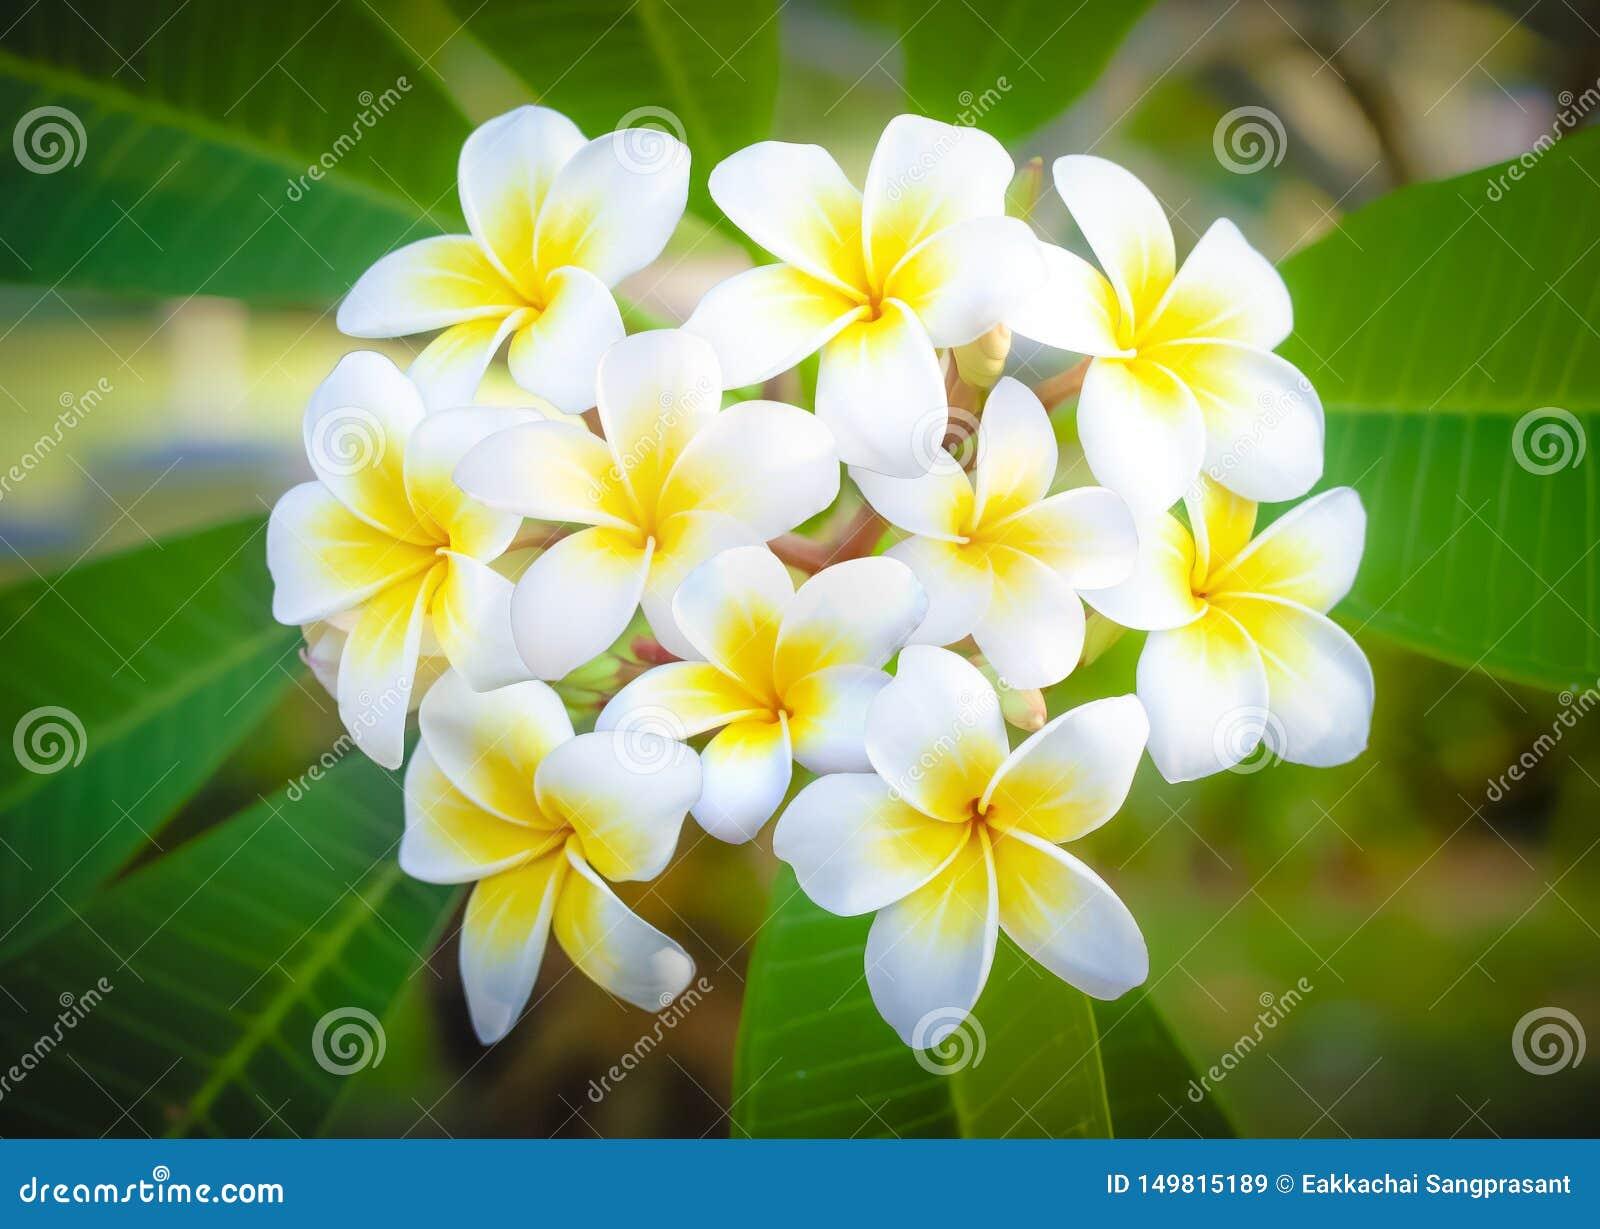 Cory ruimte, Fabelachtige geurige zuivere witte bemerkte bloei met gele centra van exotische tropische plumeria van frangipannisp